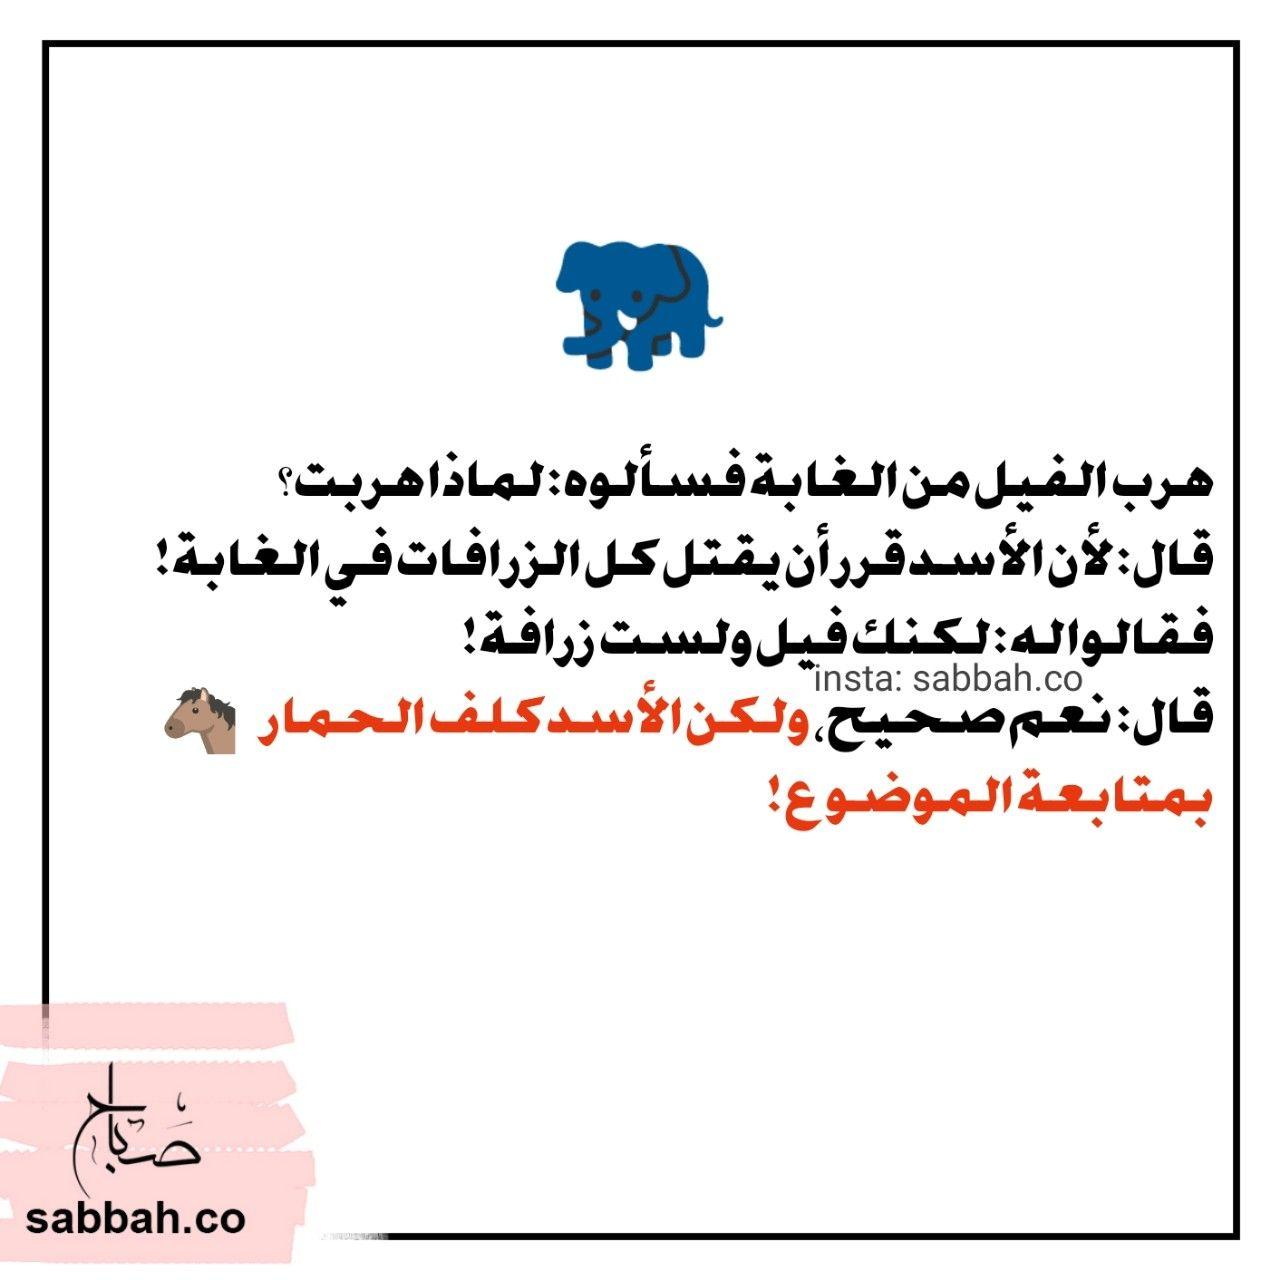 يا ترى مين فيكم هارب من حمار مشابه رمضان كريم Www Sabbah Co Movie Posters Movies Poster